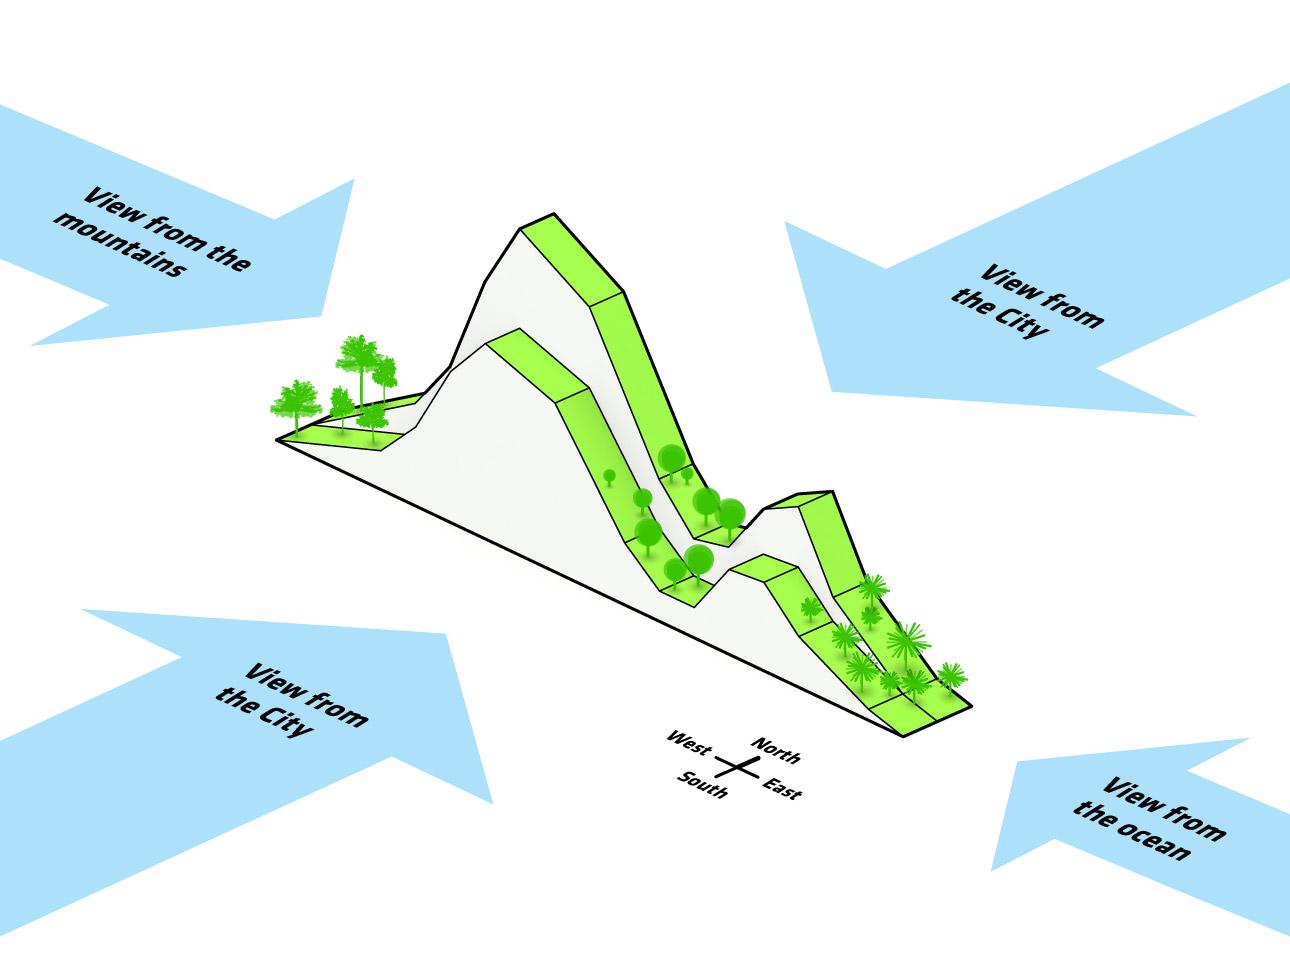 〔안정원의 건축 칼럼〕 주변 산세의 흐름과 해양의 기후 조건을 효과적으로 반영한 주거단지2